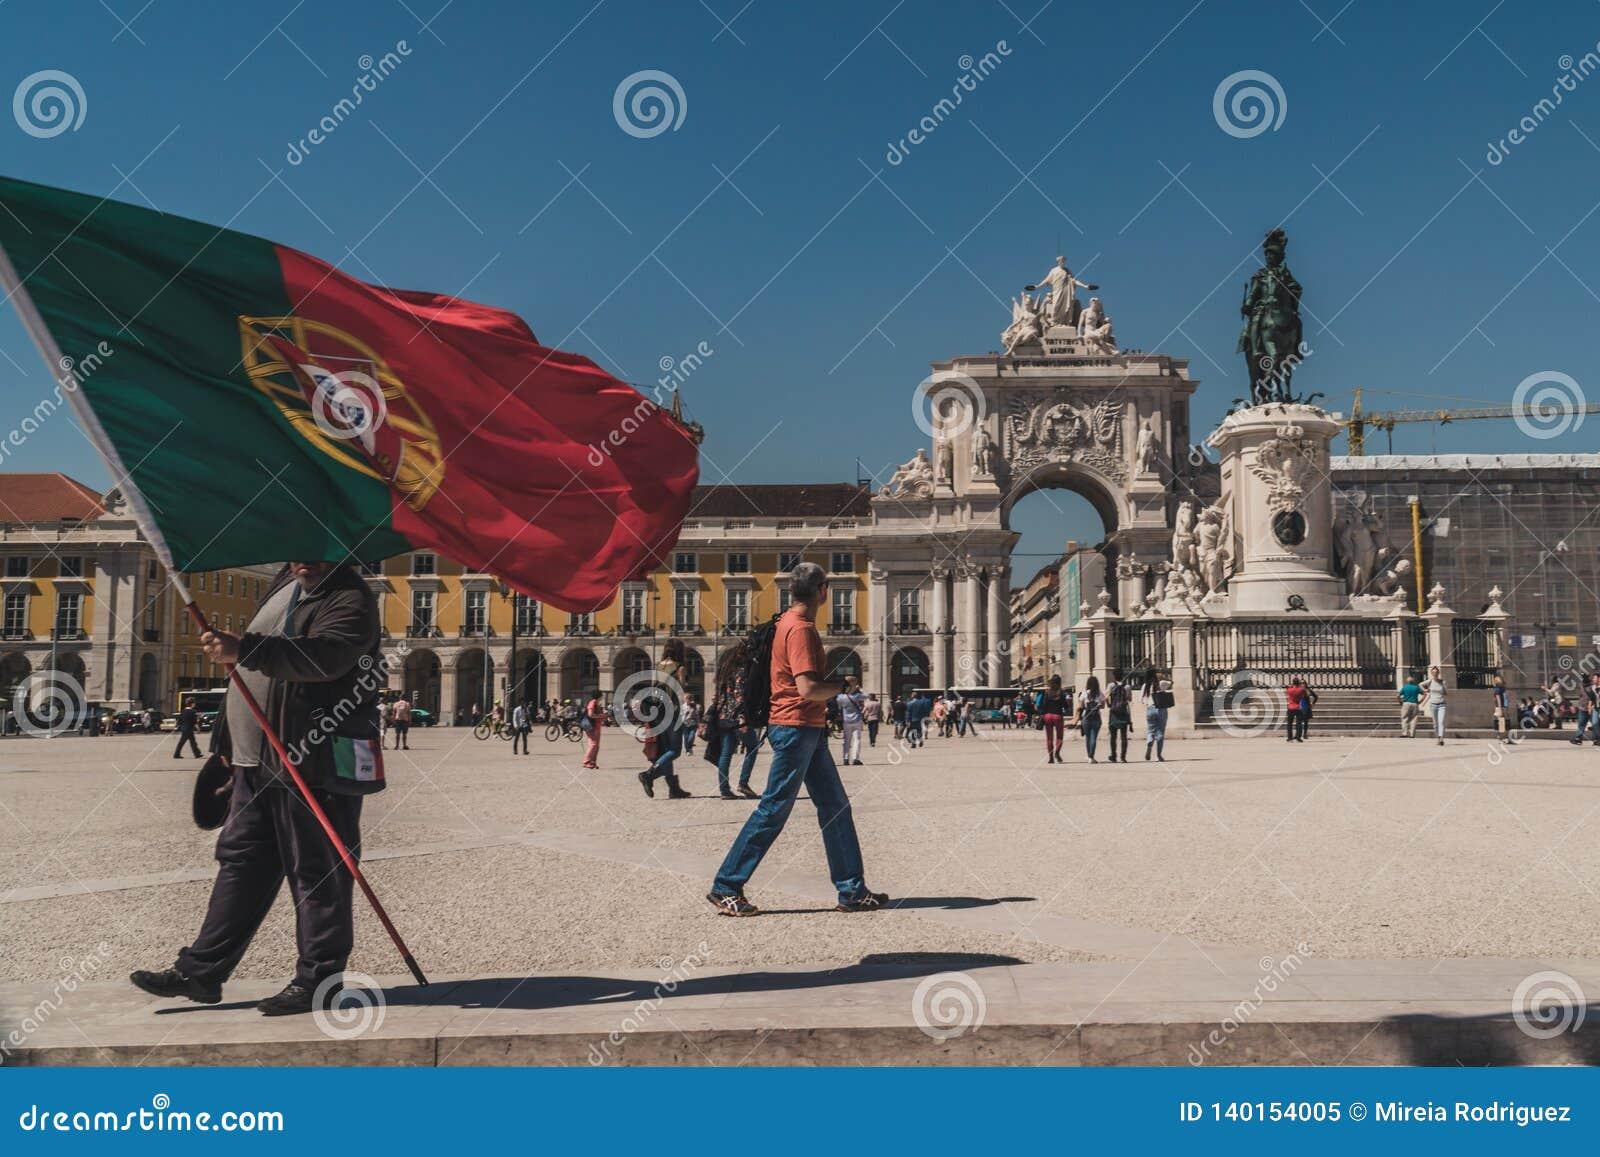 Jemand hält eine riesige Flagge von Portugal auf dem Praça tun Comércio-Handels-Quadrat in im Stadtzentrum gelegenem Lissabon